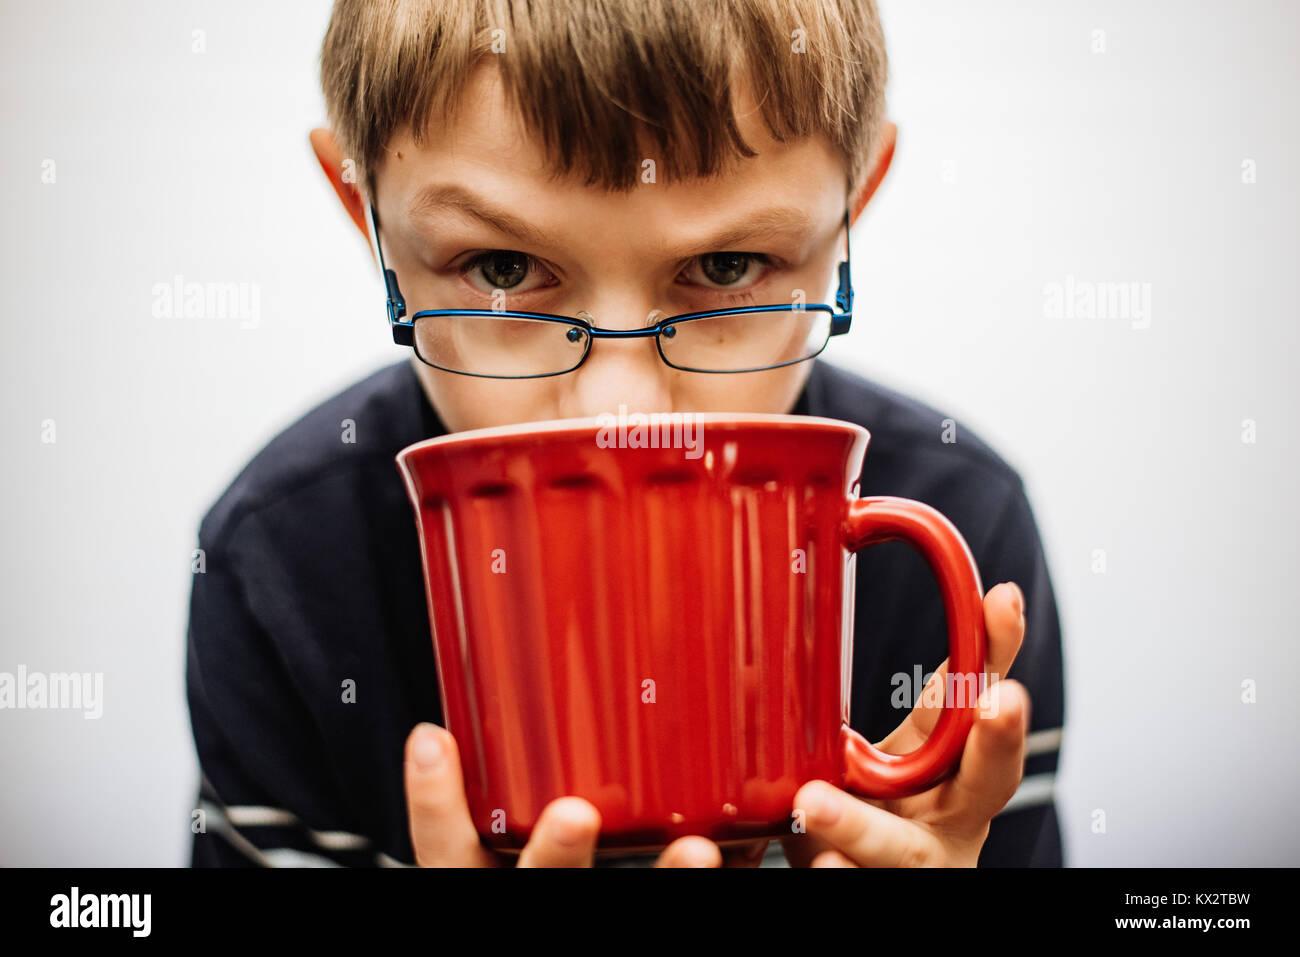 Un garçon de 11 ans portant des lunettes à par-dessus le rebord d'une tasse de thé rouge. Photo Stock